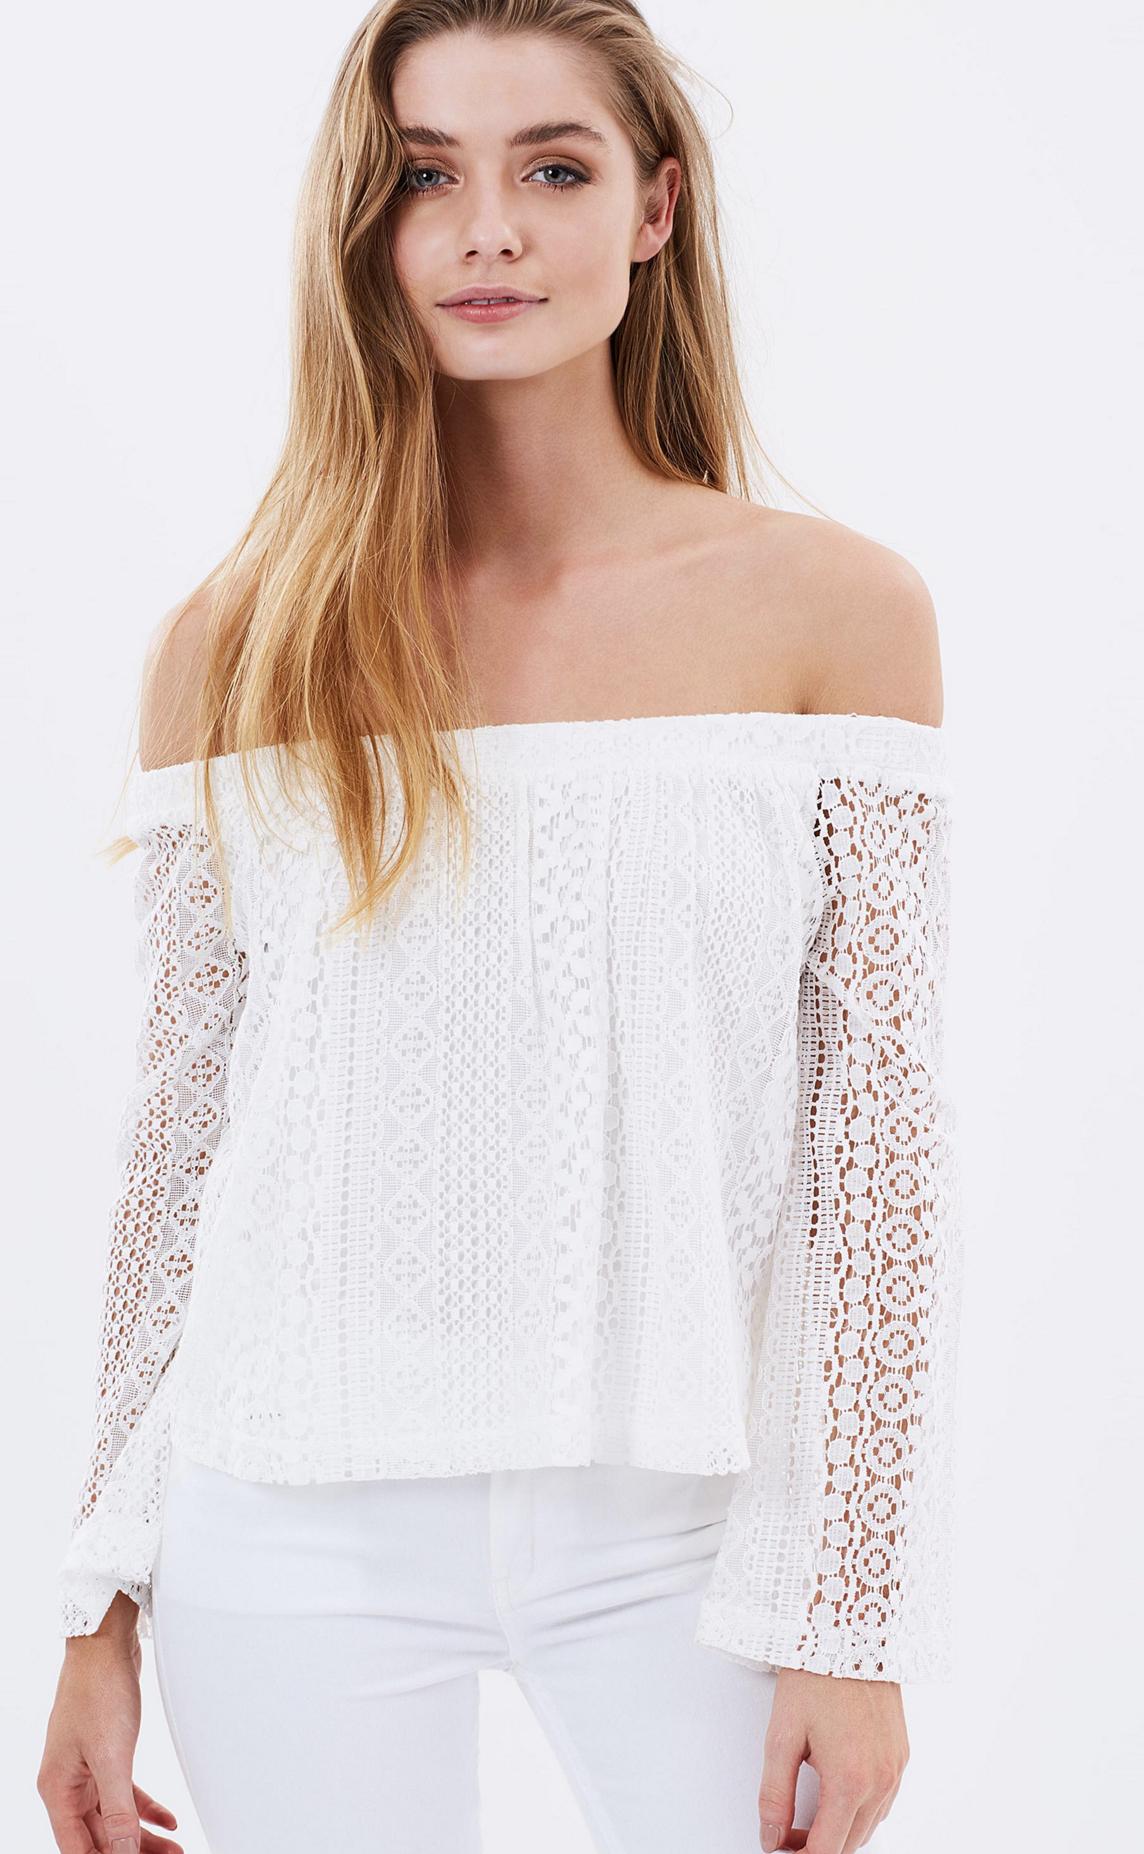 Sass Klara lace top $69.95